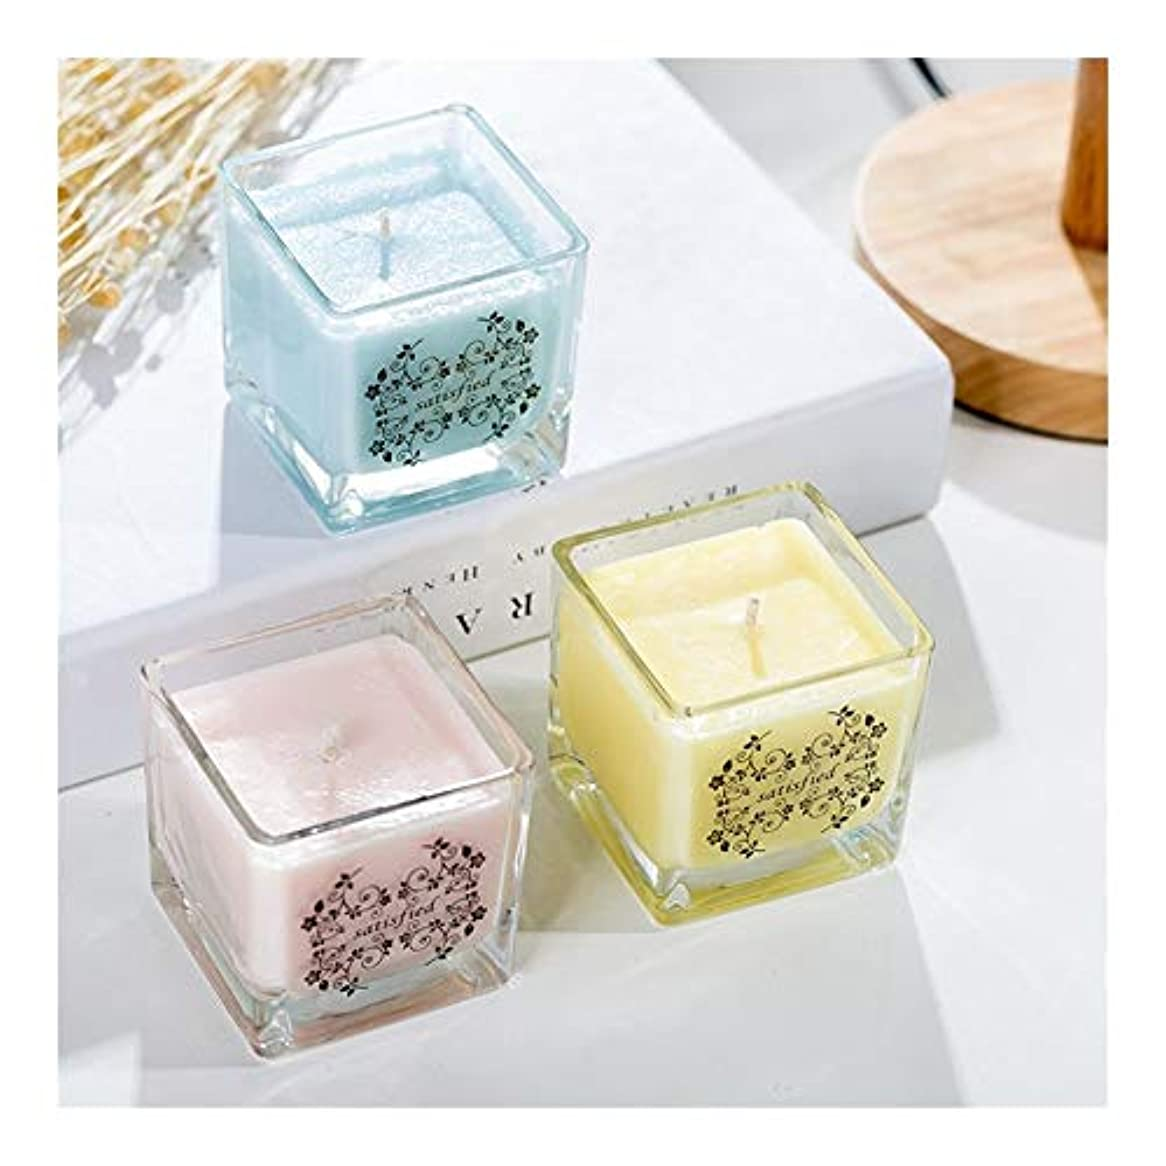 スーパー結果として勃起Guomao 正方形の無煙ガラスの大豆の香料入りの蝋燭の屋内新鮮な空気のラベンダーの香り (色 : Night scent)